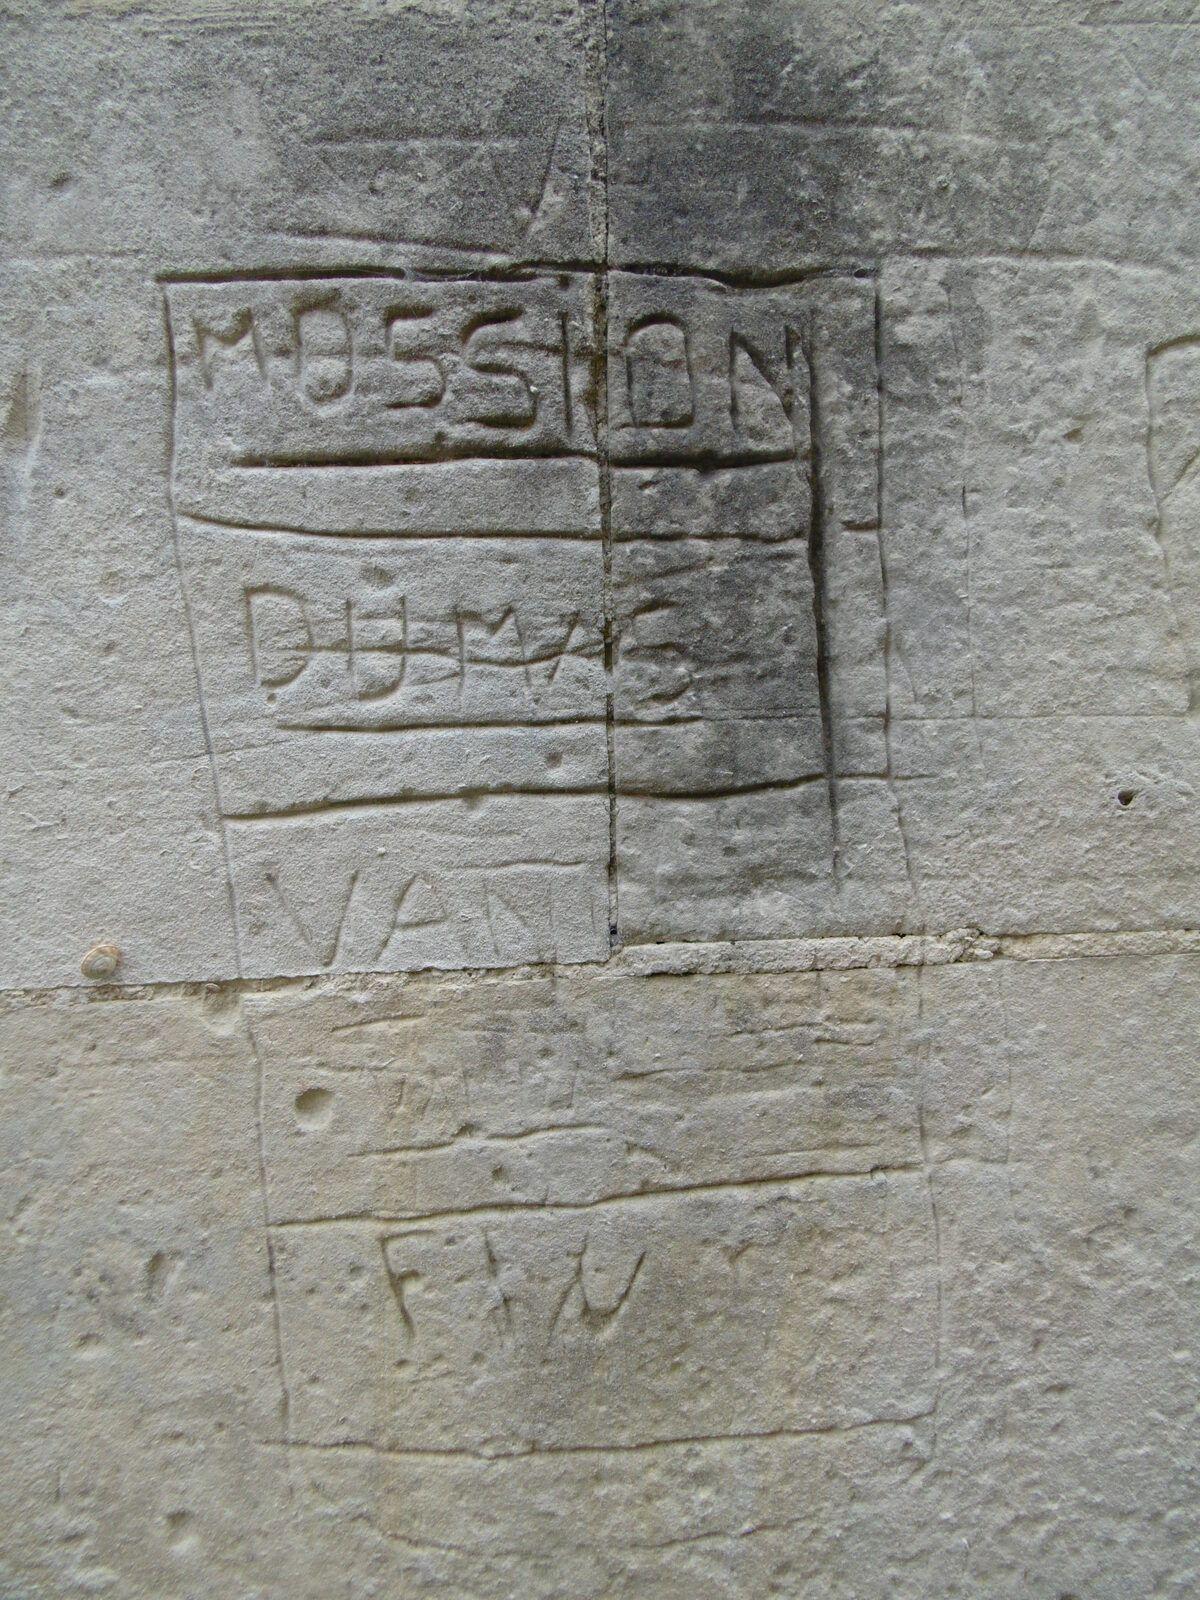 2 - Faubourg St Eutrope... Fruits, dépôts désagréables et graffiti... sous le regard de la basilique